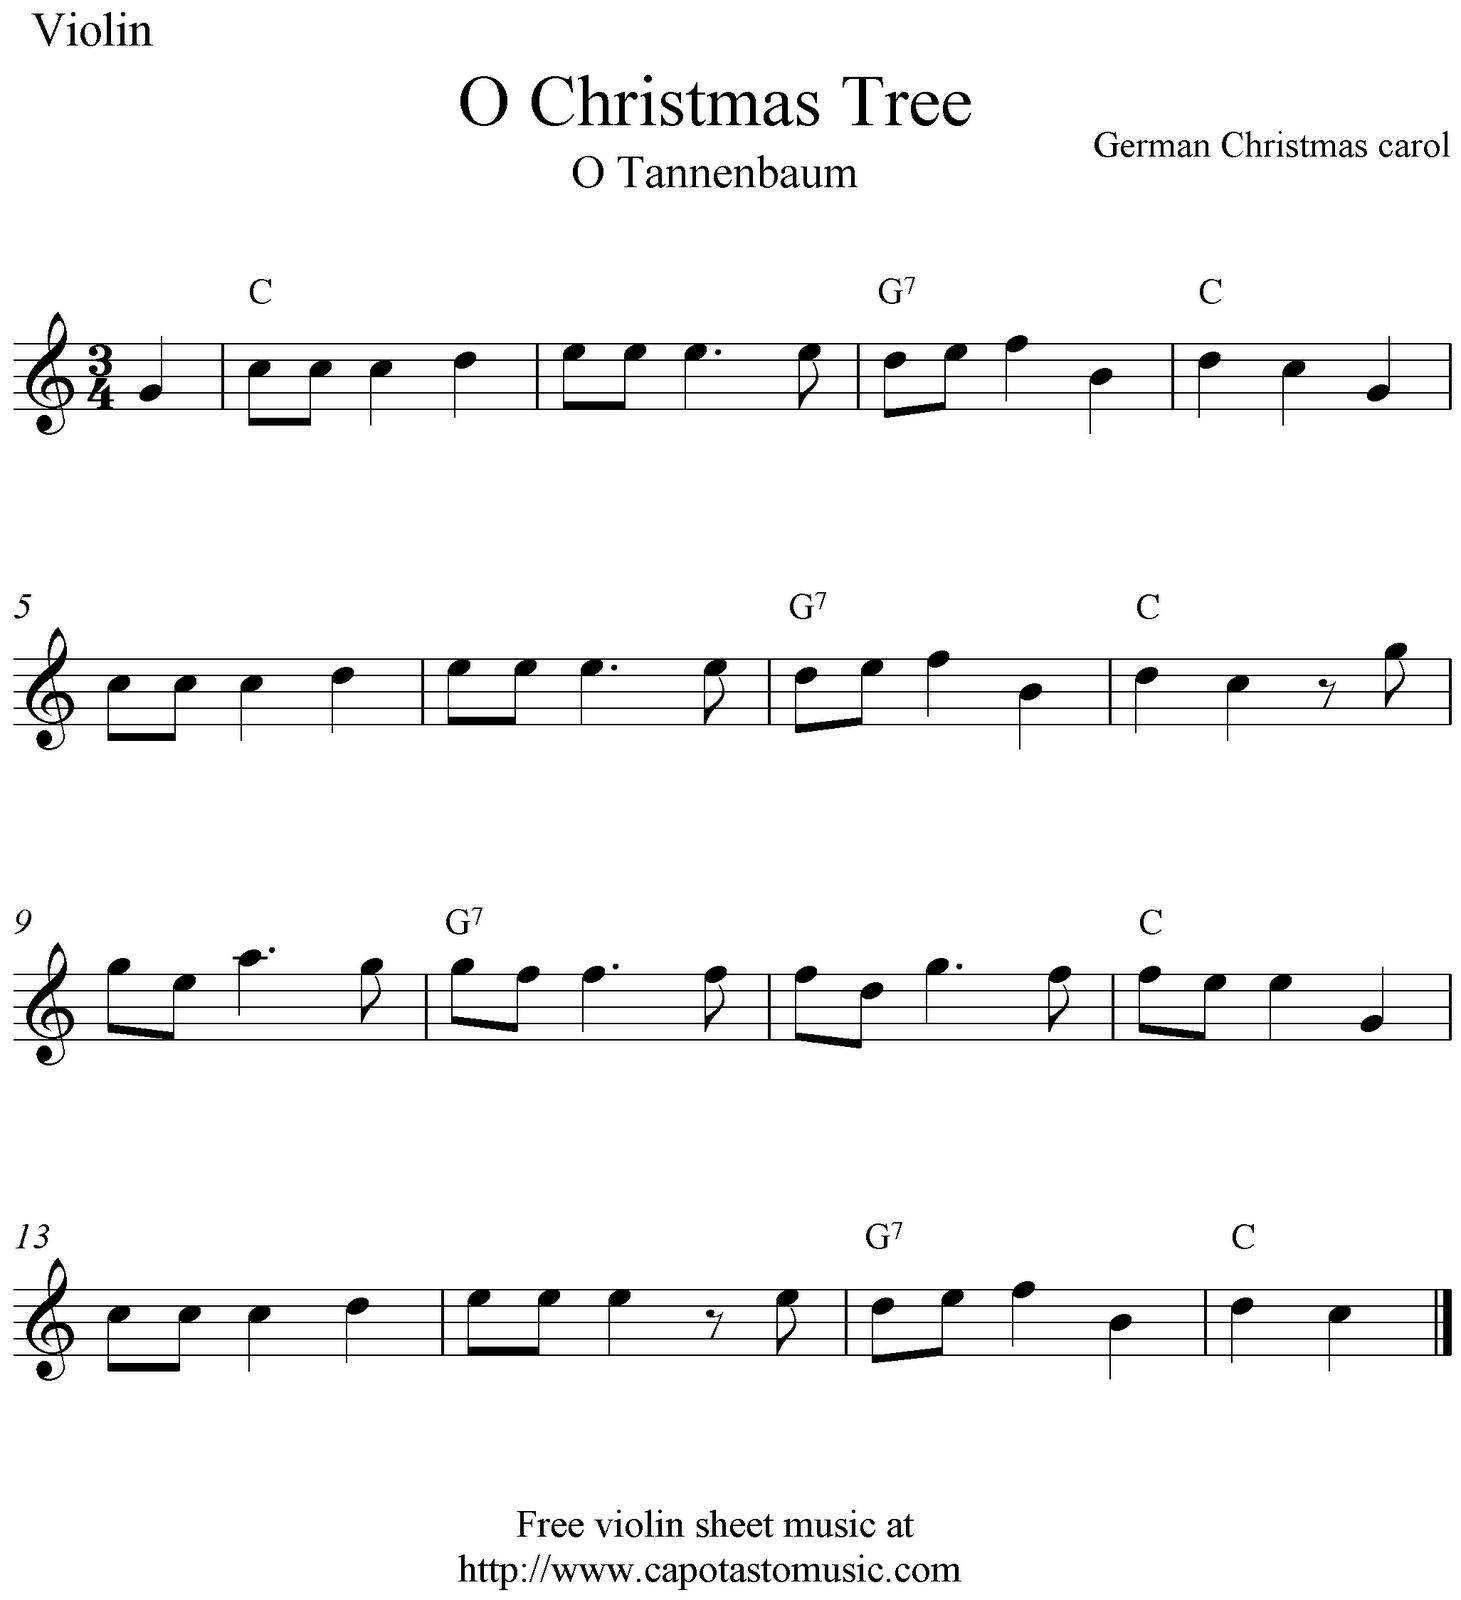 O Christmas Tree (O Tannenbaum), free Christmas violin sheet music notes